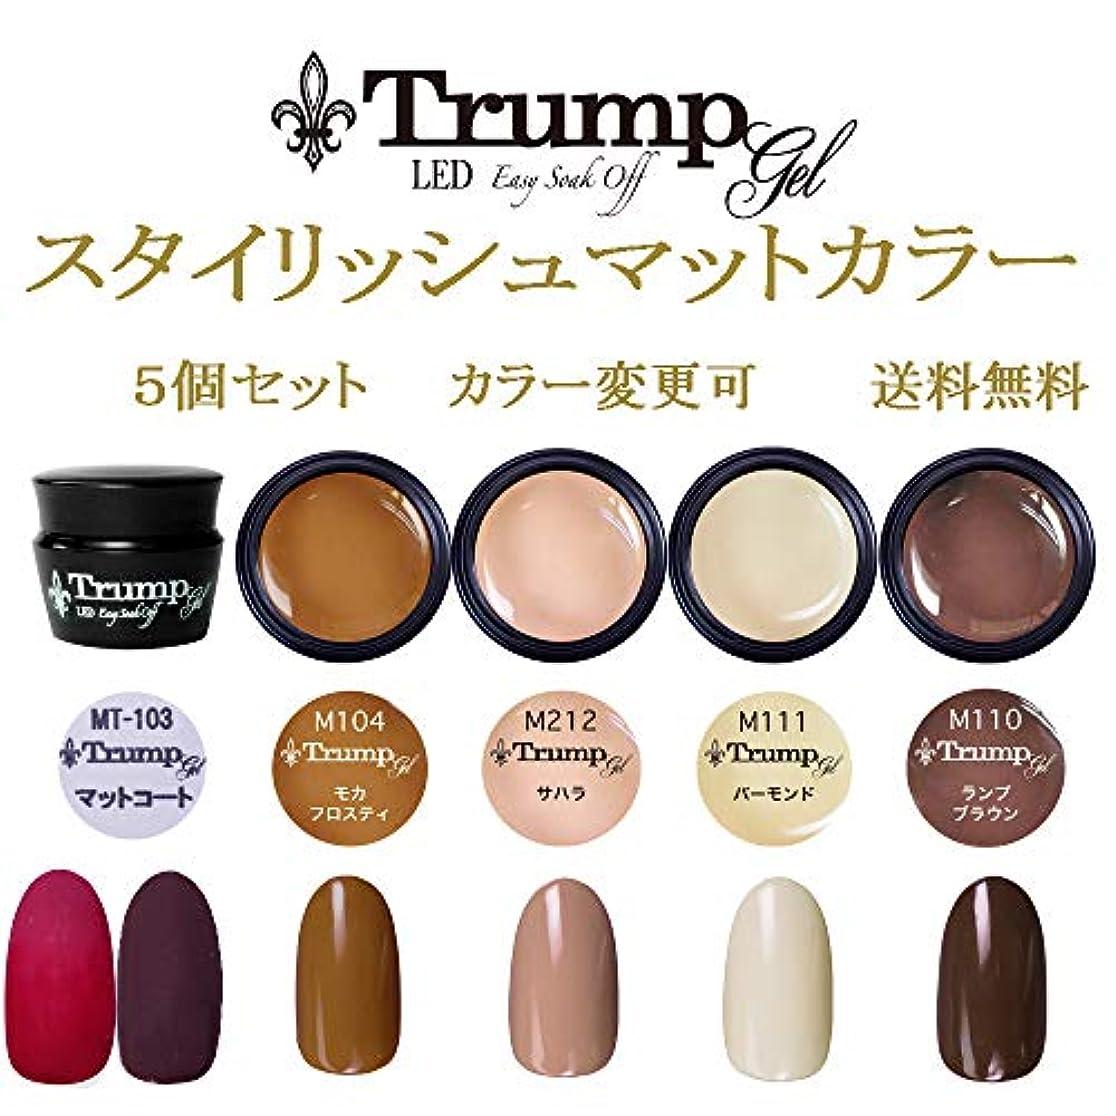 砂耕すブート【送料無料】日本製 Trump gel トランプジェル スタイリッシュマットカラージェル5個セット 5個セット マットカラー ベージュ ブラウン マスタード カラー